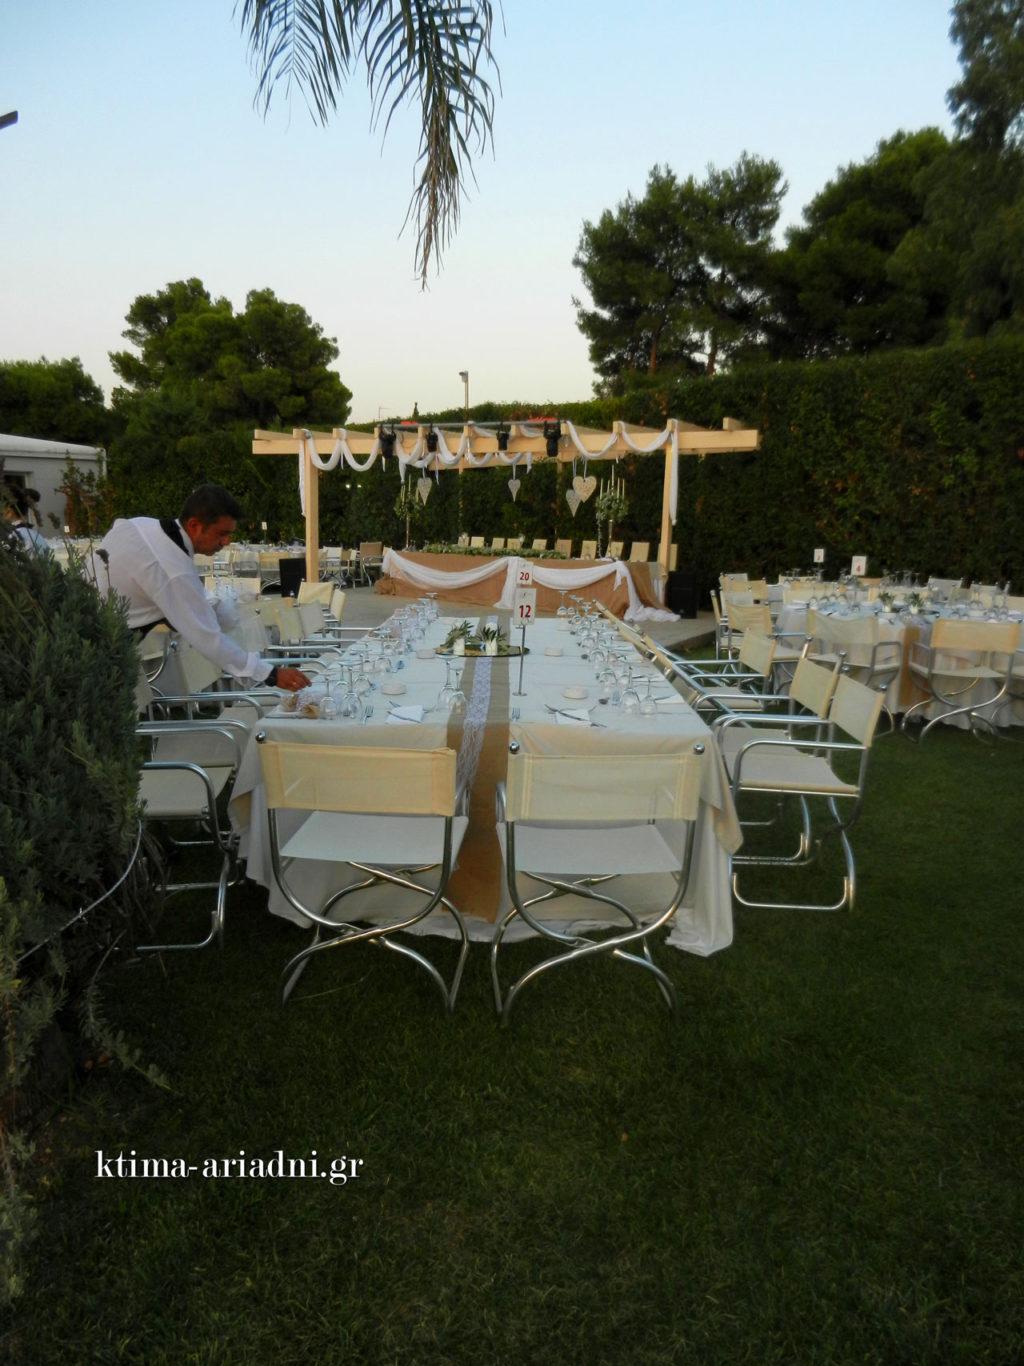 Μετά από τα ποτήρια, τα μαχαιροπίρουνα, τις πετσέτες και τα άλλα αντικείμενα που τοποθετούνται στο τραπέζι, έρχεται και η σειρά των μπομπονιέρων